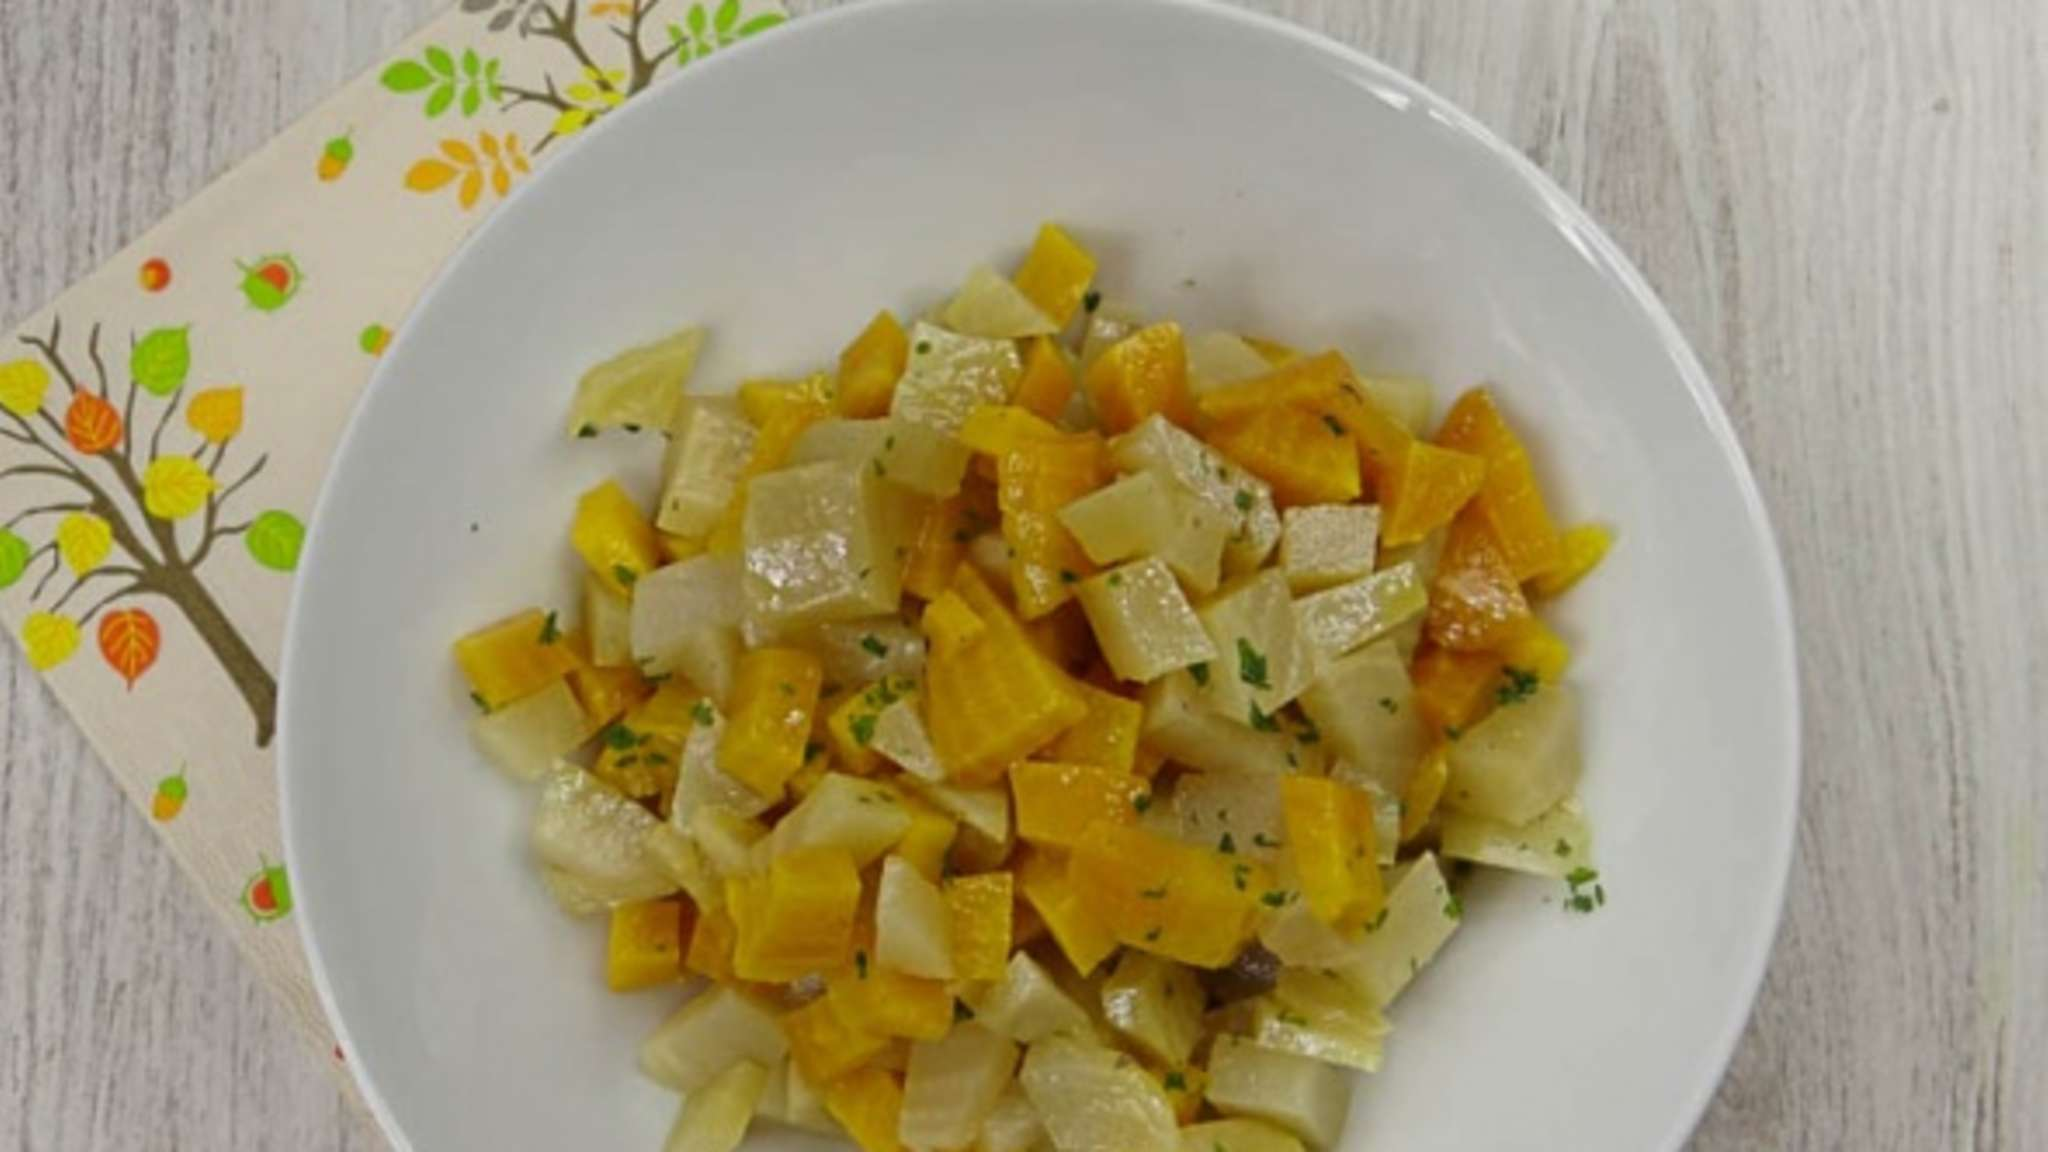 Salade de betteraves jaunes et blanches